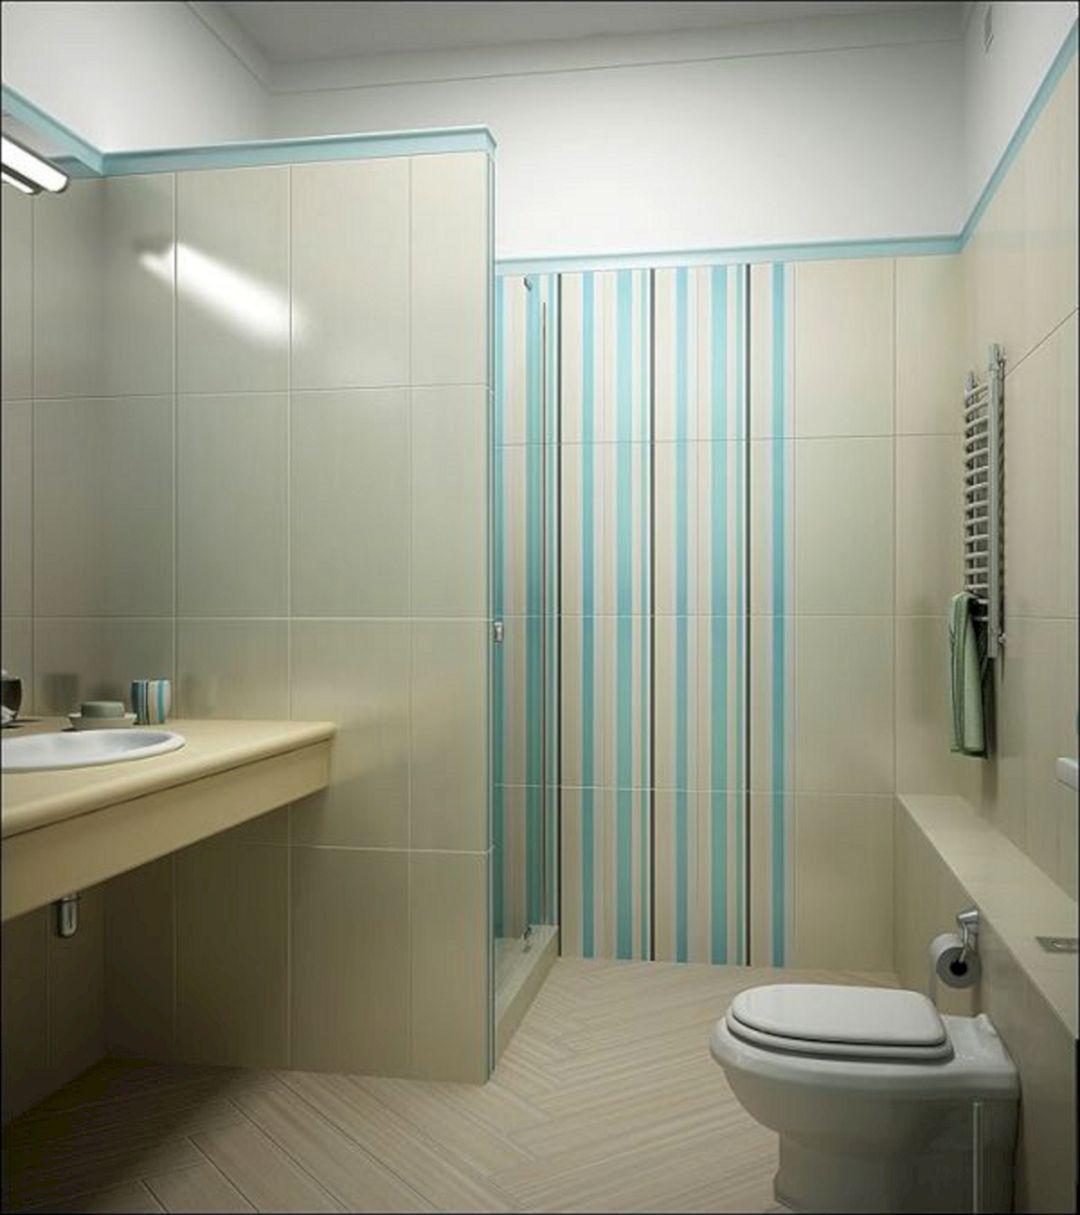 Ванная комната 4 кв.м дизайн с душевой